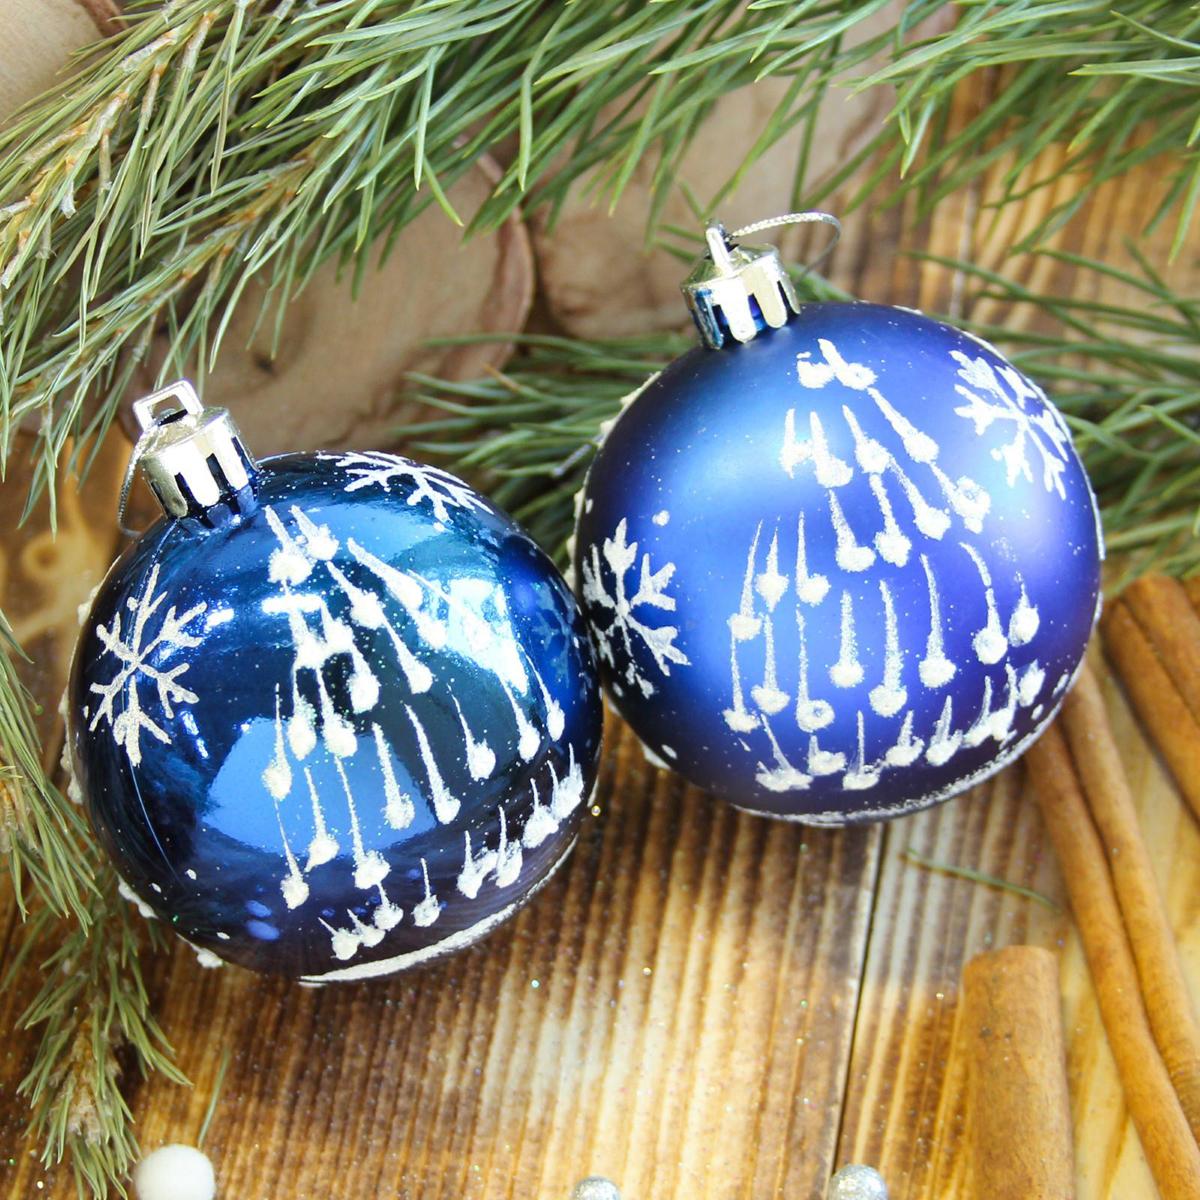 Набор новогодних подвесных украшений Sima-land Елочка. Капелька, цвет: синий, диаметр 6 см, 8 шт2122522Набор новогодних подвесных украшений Sima-land отлично подойдет для декорации вашего дома и новогодней ели. С помощью специальной петельки украшение можно повесить в любом понравившемся вам месте. Но, конечно, удачнее всего оно будет смотреться на праздничной елке. Елочная игрушка - символ Нового года. Она несет в себе волшебство и красоту праздника. Создайте в своем доме атмосферу веселья и радости, украшая новогоднюю елку нарядными игрушками, которые будут из года в год накапливать теплоту воспоминаний.